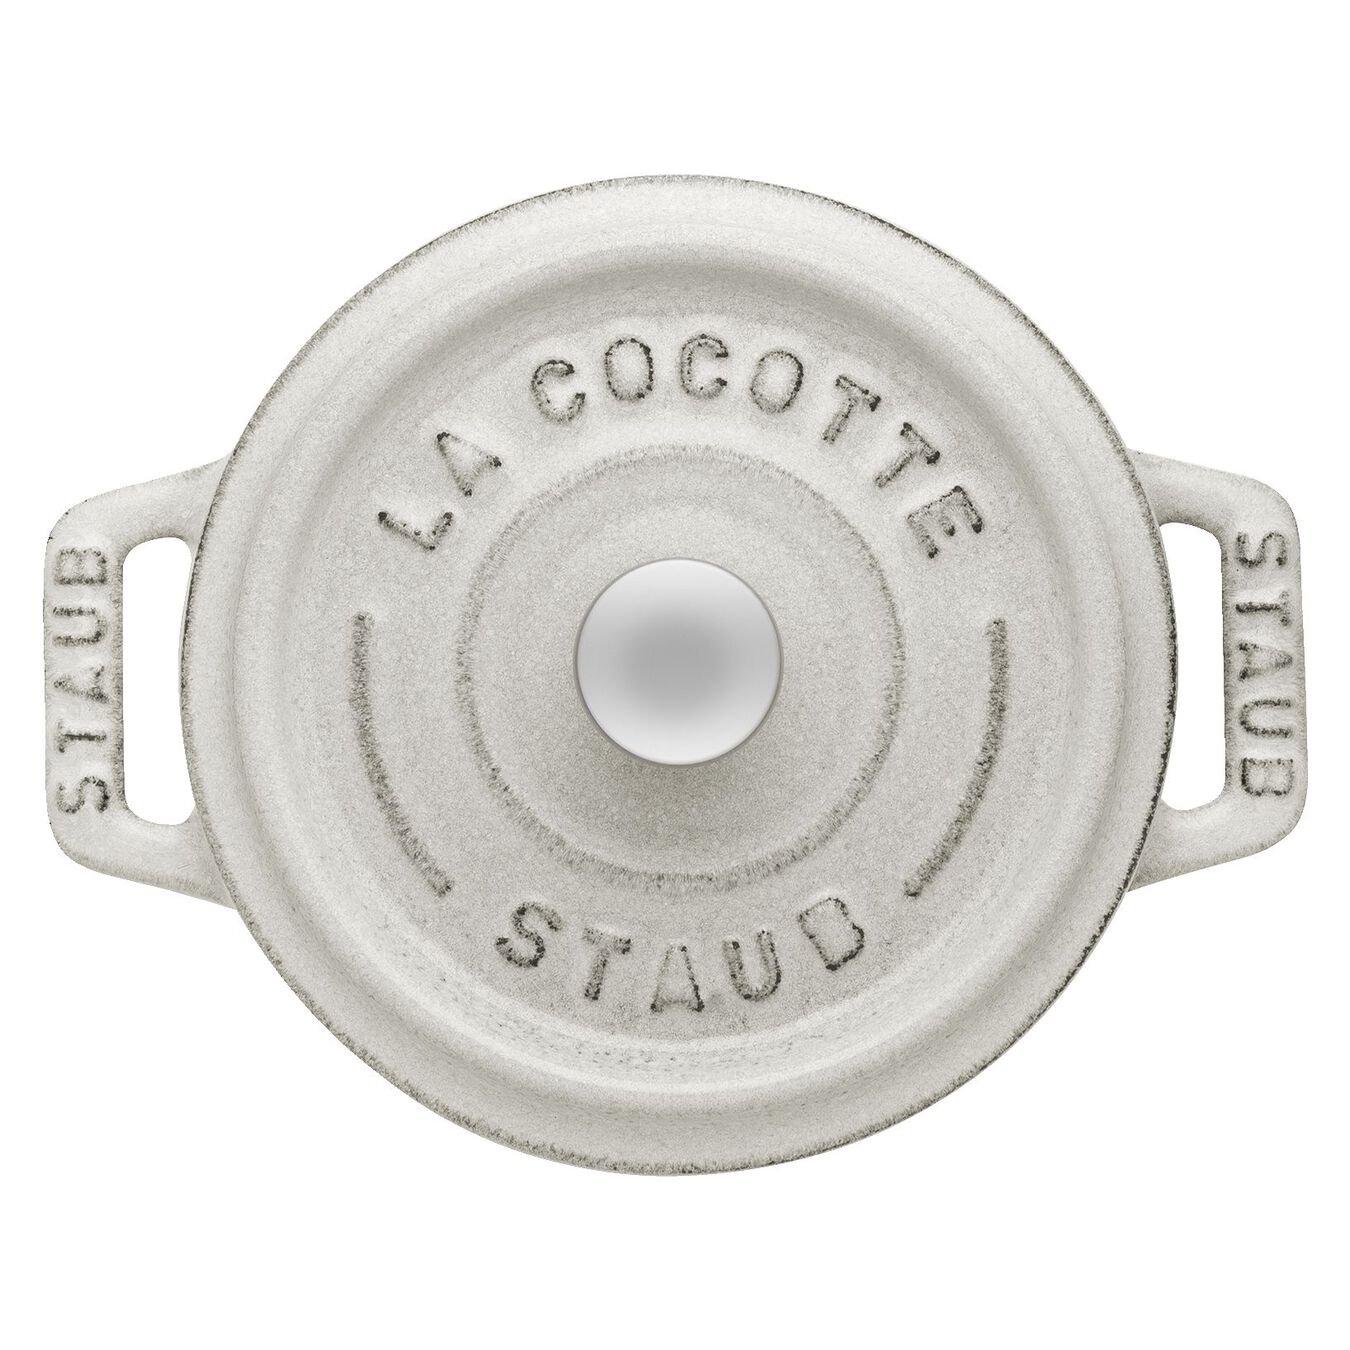 Mini Cocotte 10 cm, Rond(e), Truffe blanche, Fonte,,large 3